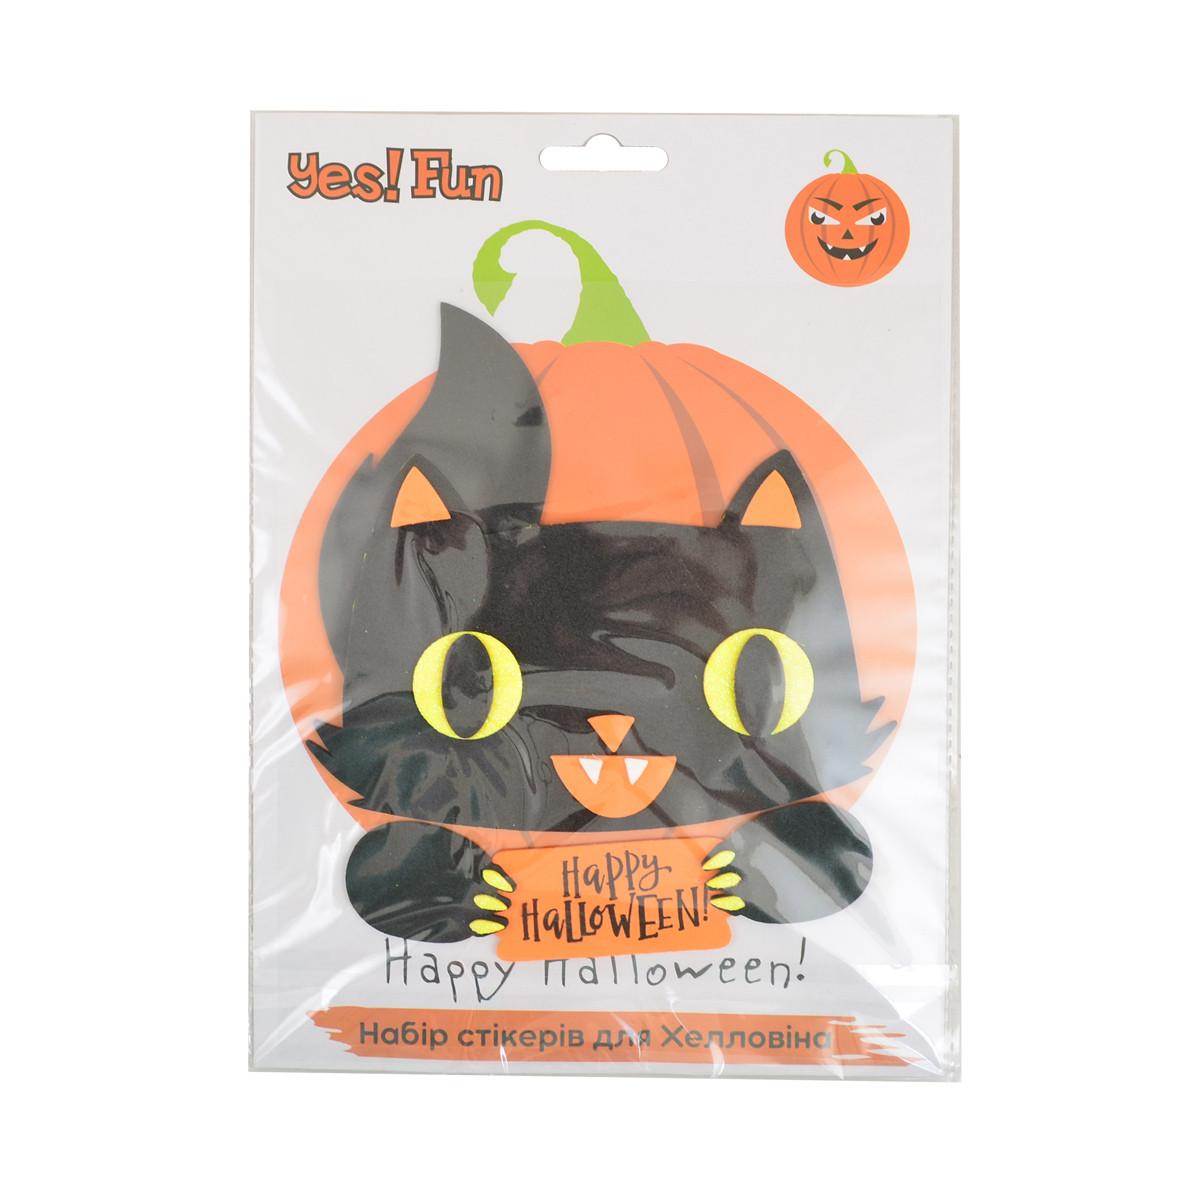 Набор стикеров Yes! Fun для Хэллоуина Черный кот код: 973530